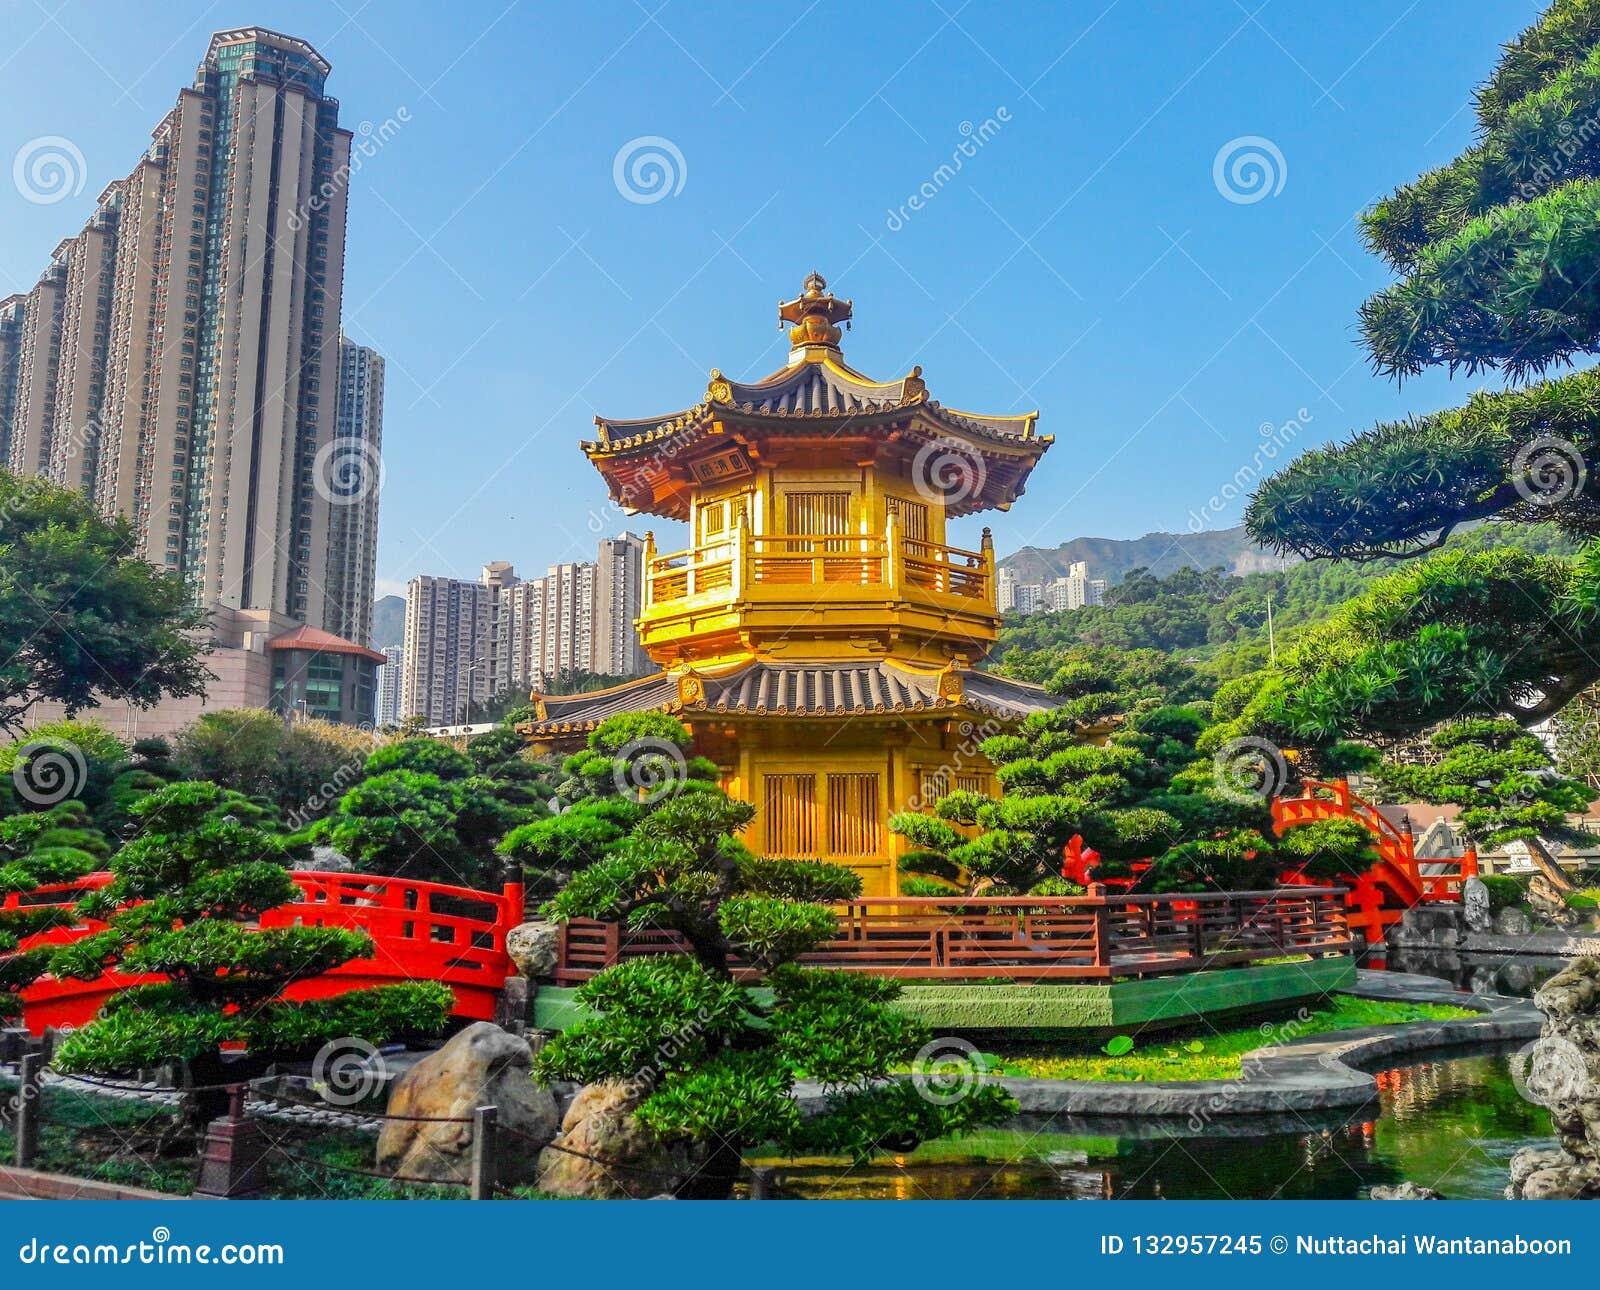 Marco de Hong Kong - Nan Lian Garden Chinese Classical Garden